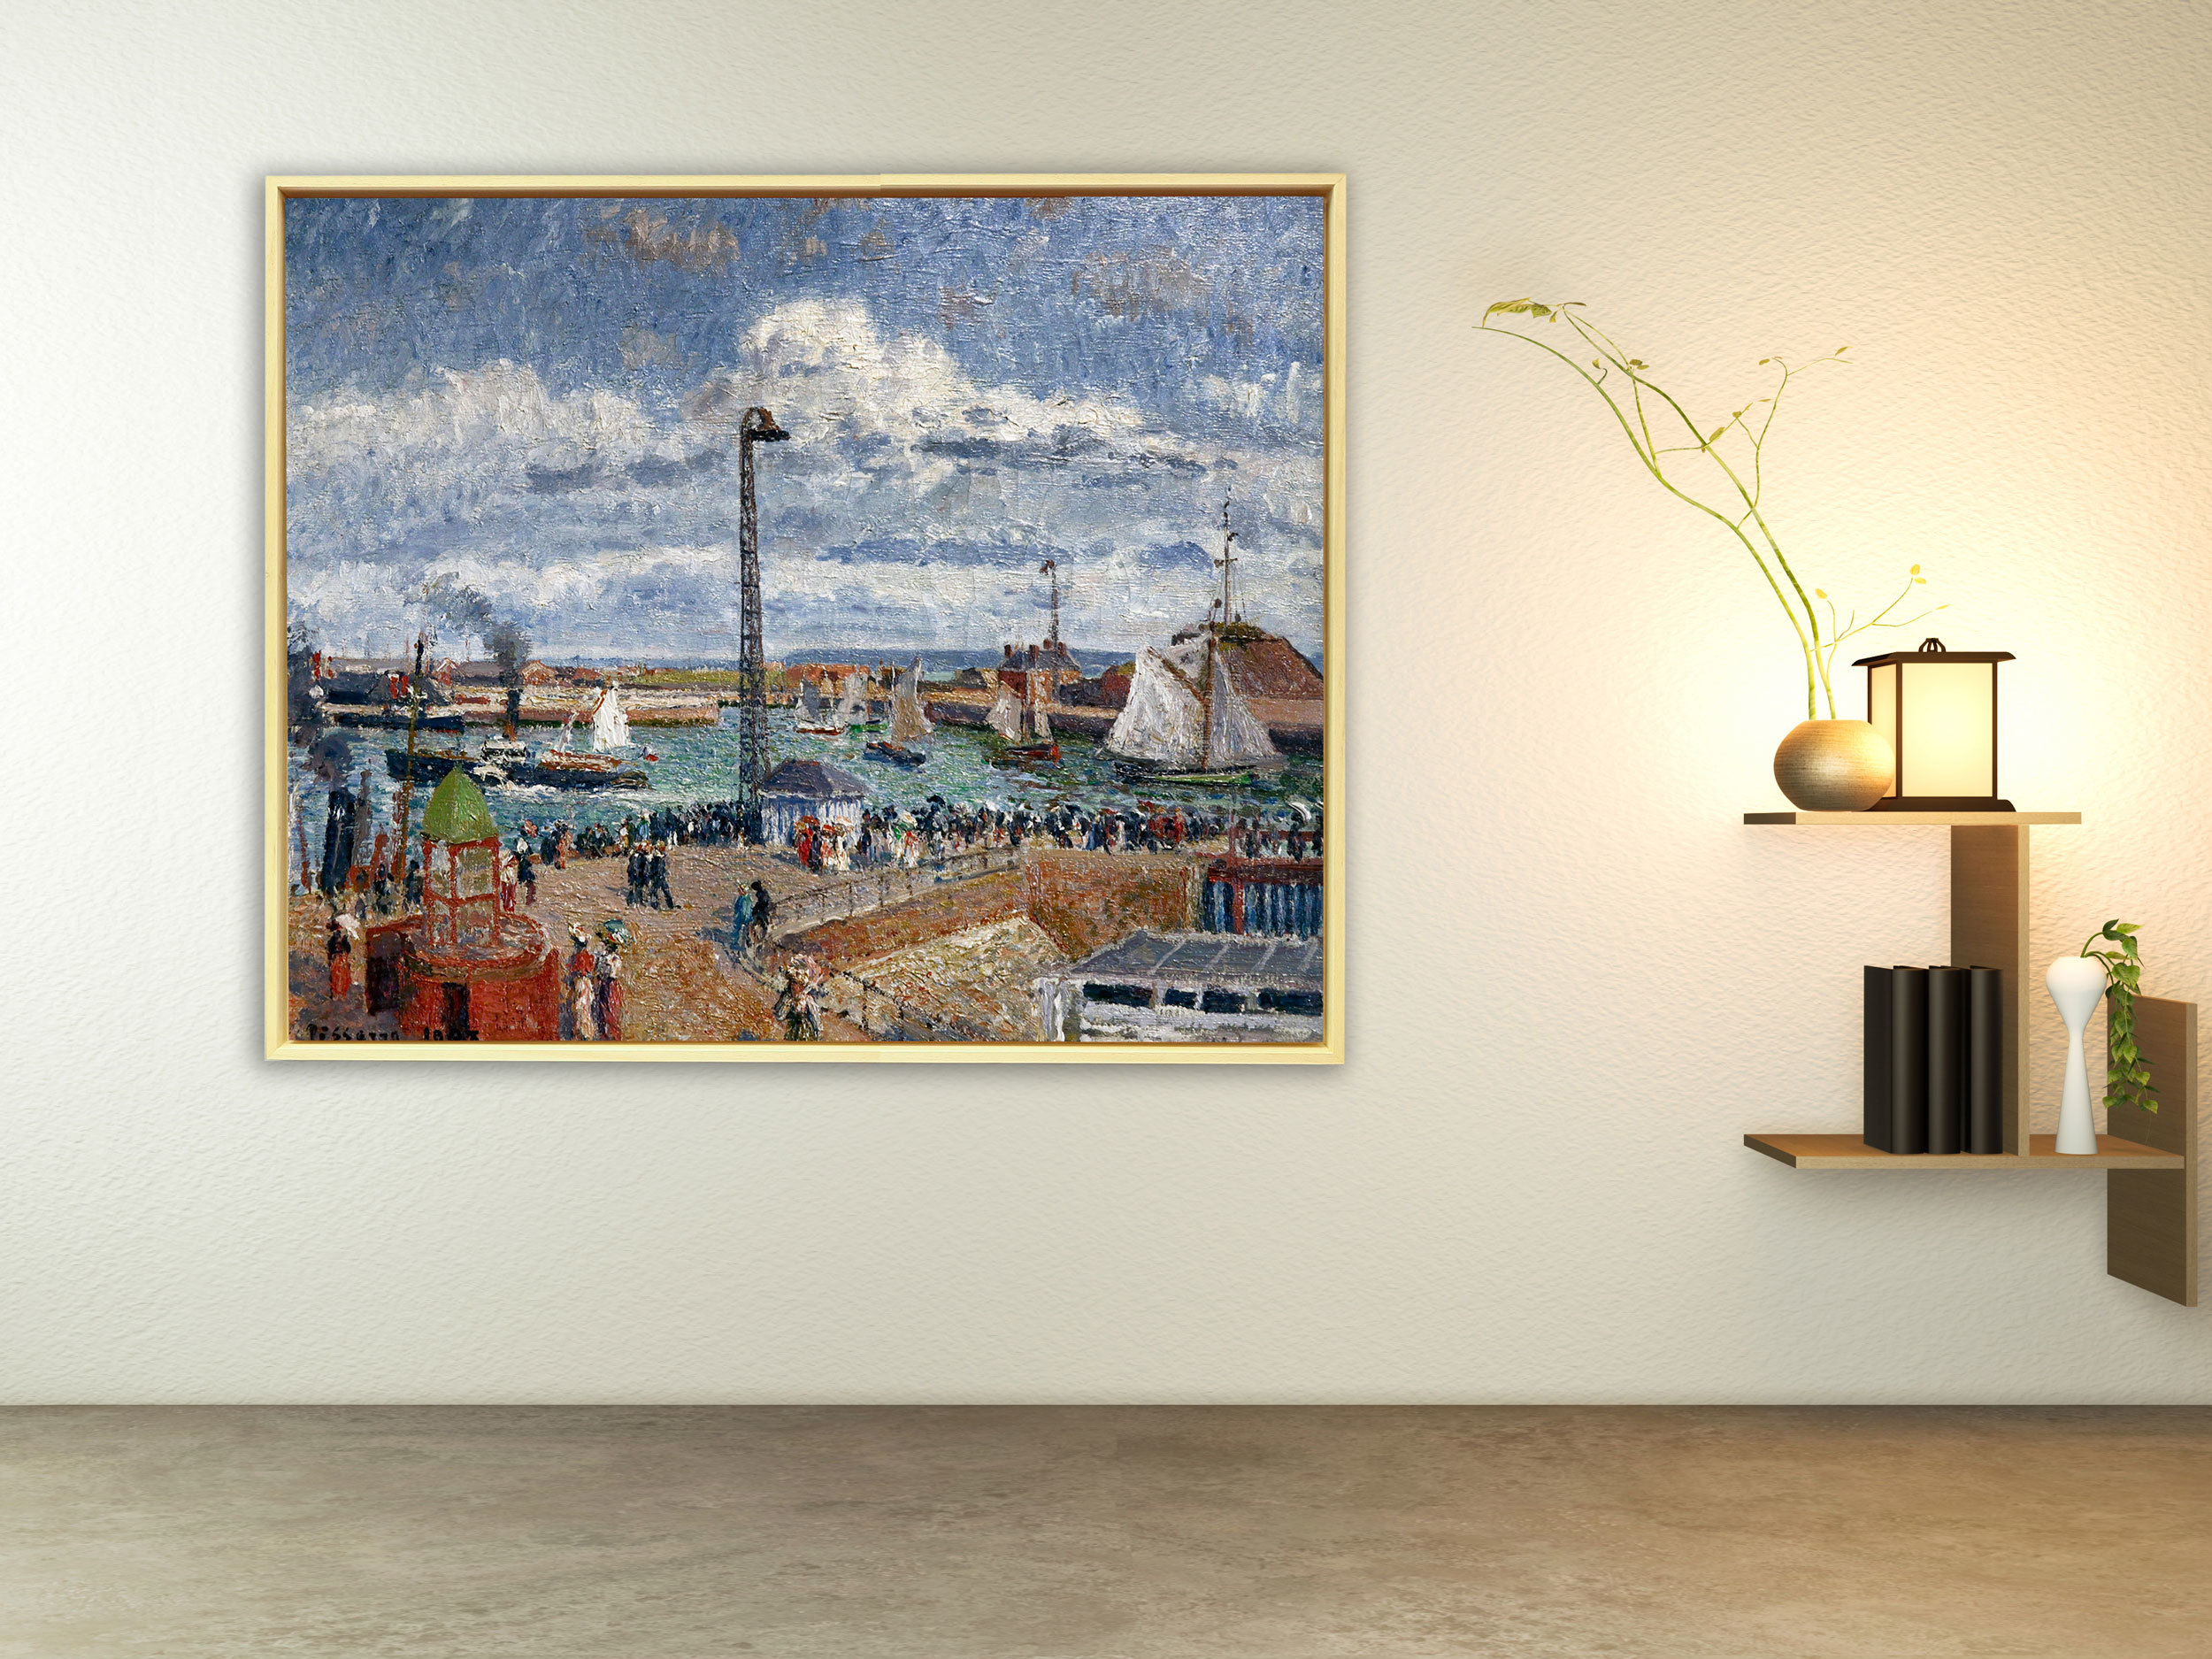 Camille Pissarro - L´Anse des Pilotes et le brise lames est, Rahmen Schattenfuge Natur